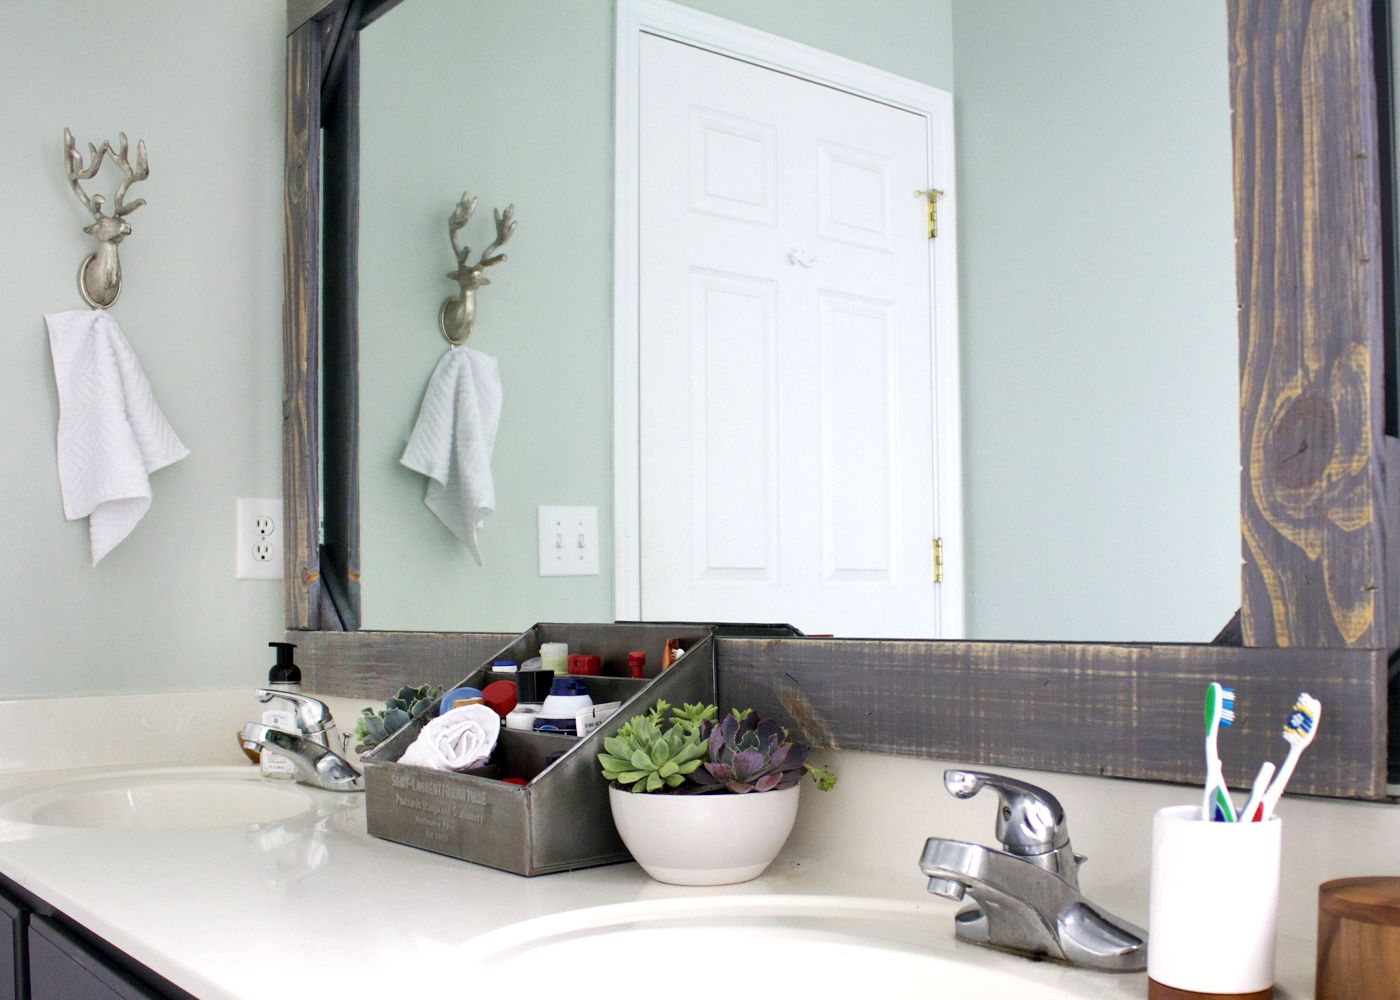 Diy rustic wood mirror frame bathroom mirrors rustic wood and woods